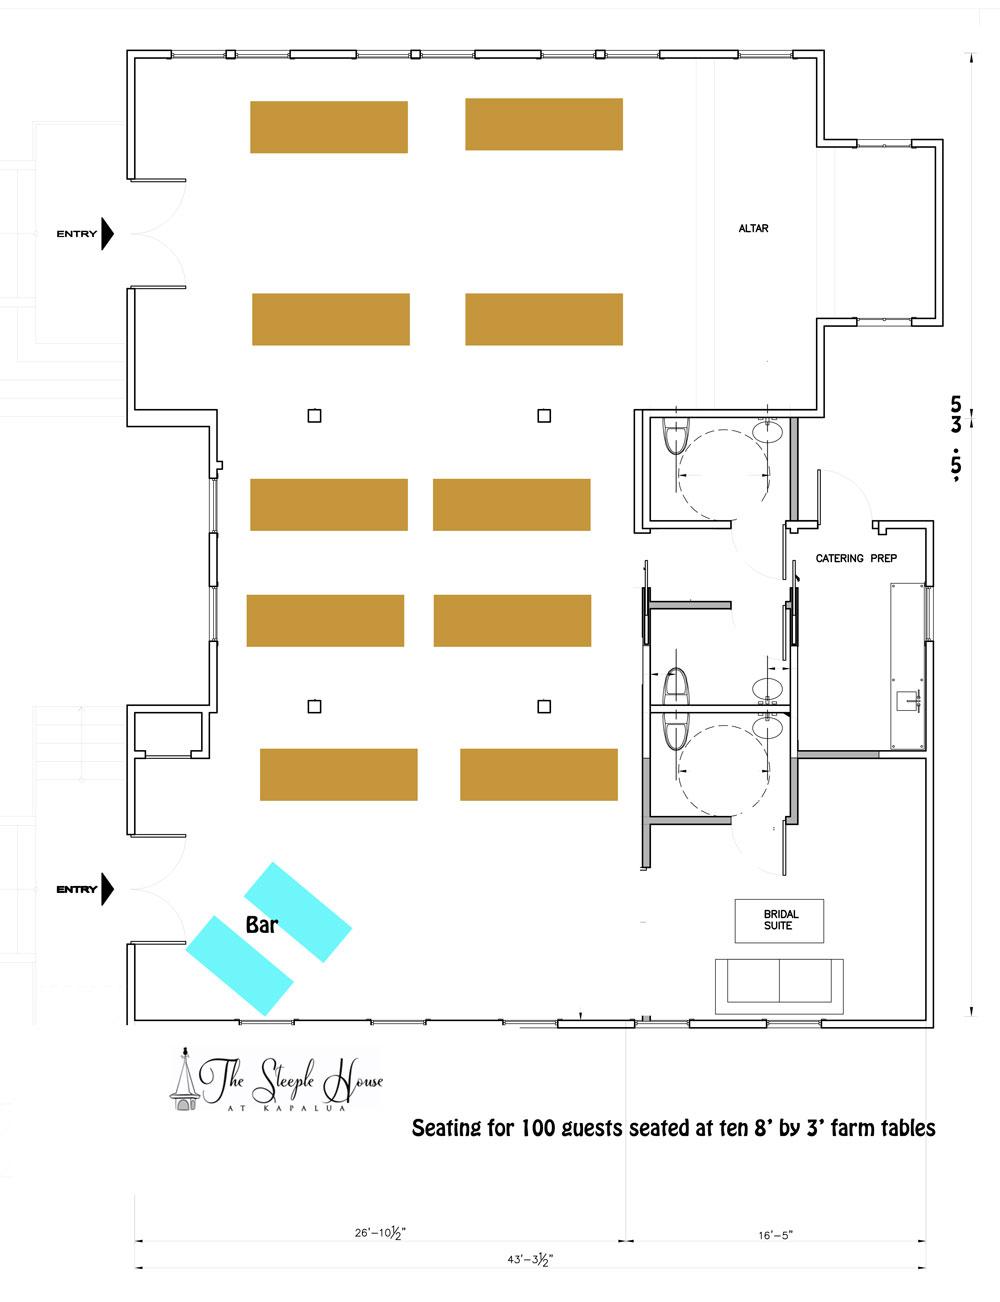 The-Steeple-House-Floor-Plan-100-ppl-farm-tables_edited-2.jpg